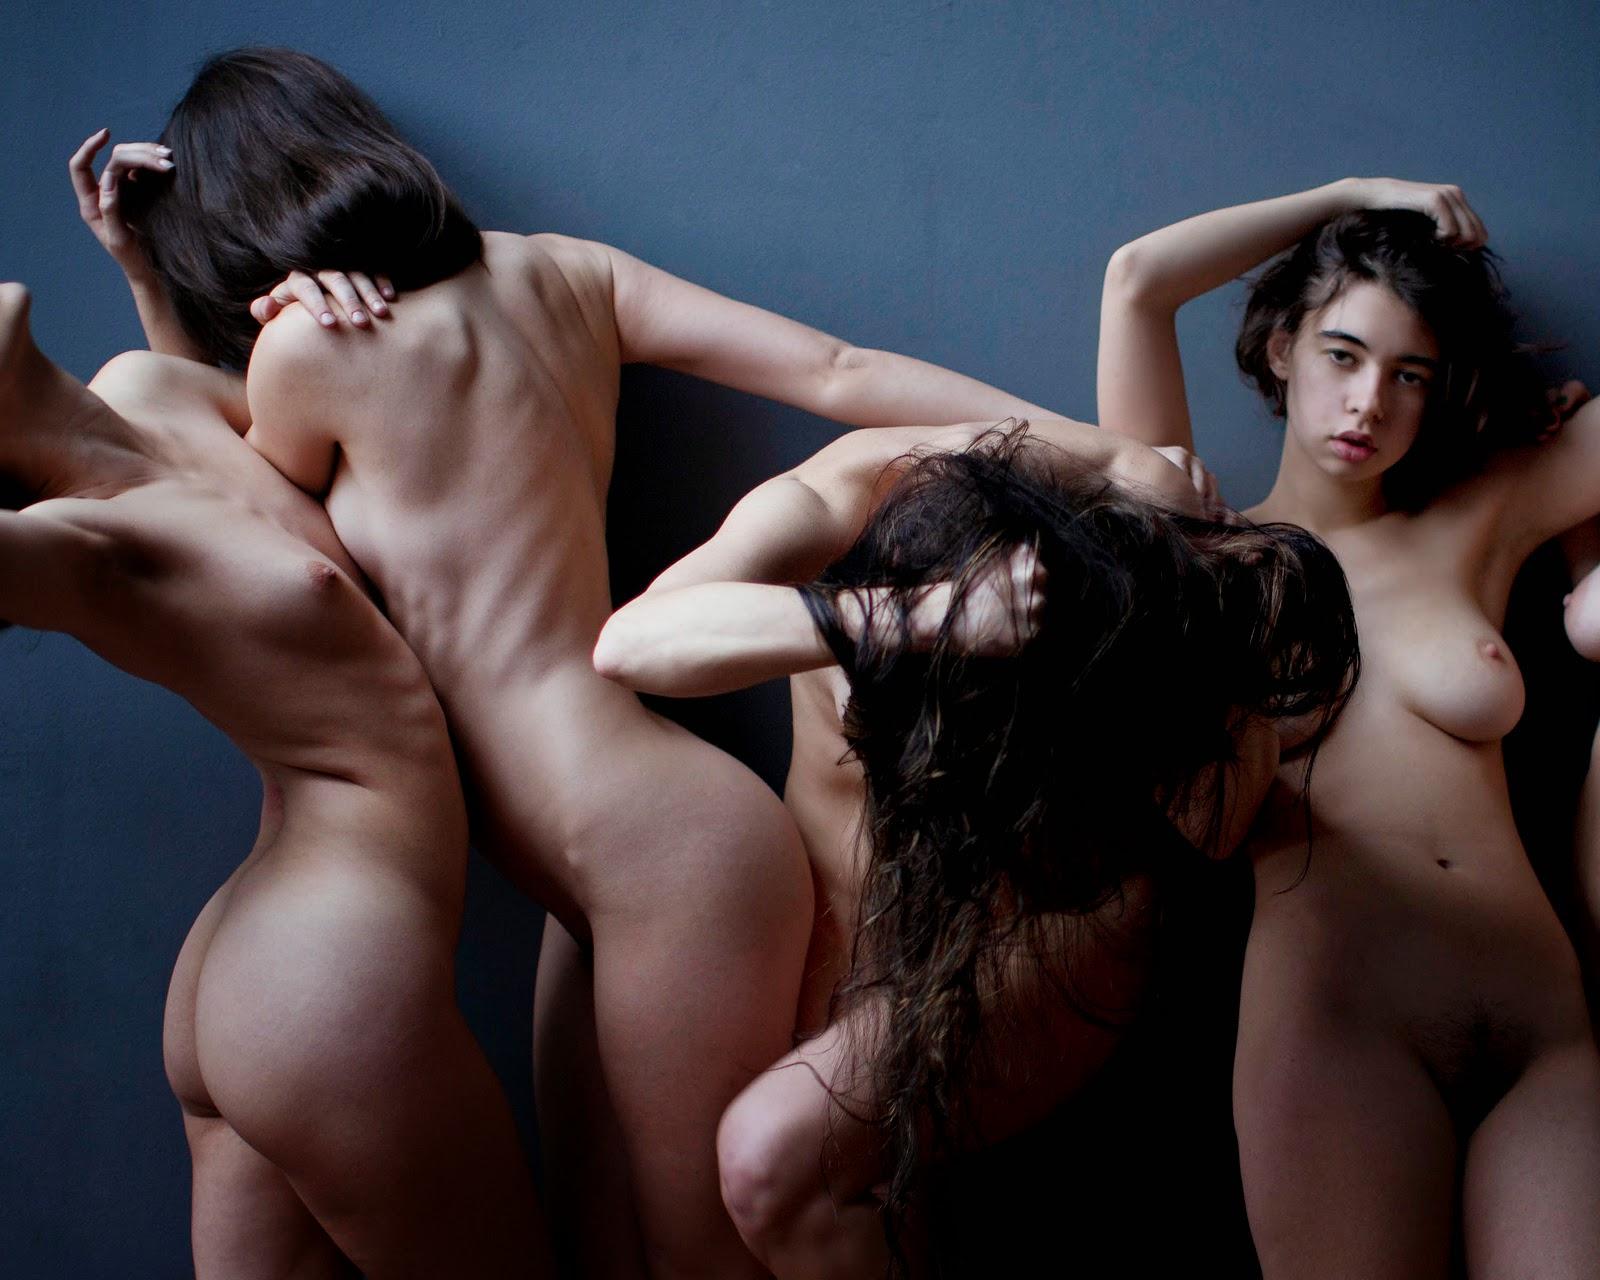 photo de nu avec 4 modèles enchevetrés